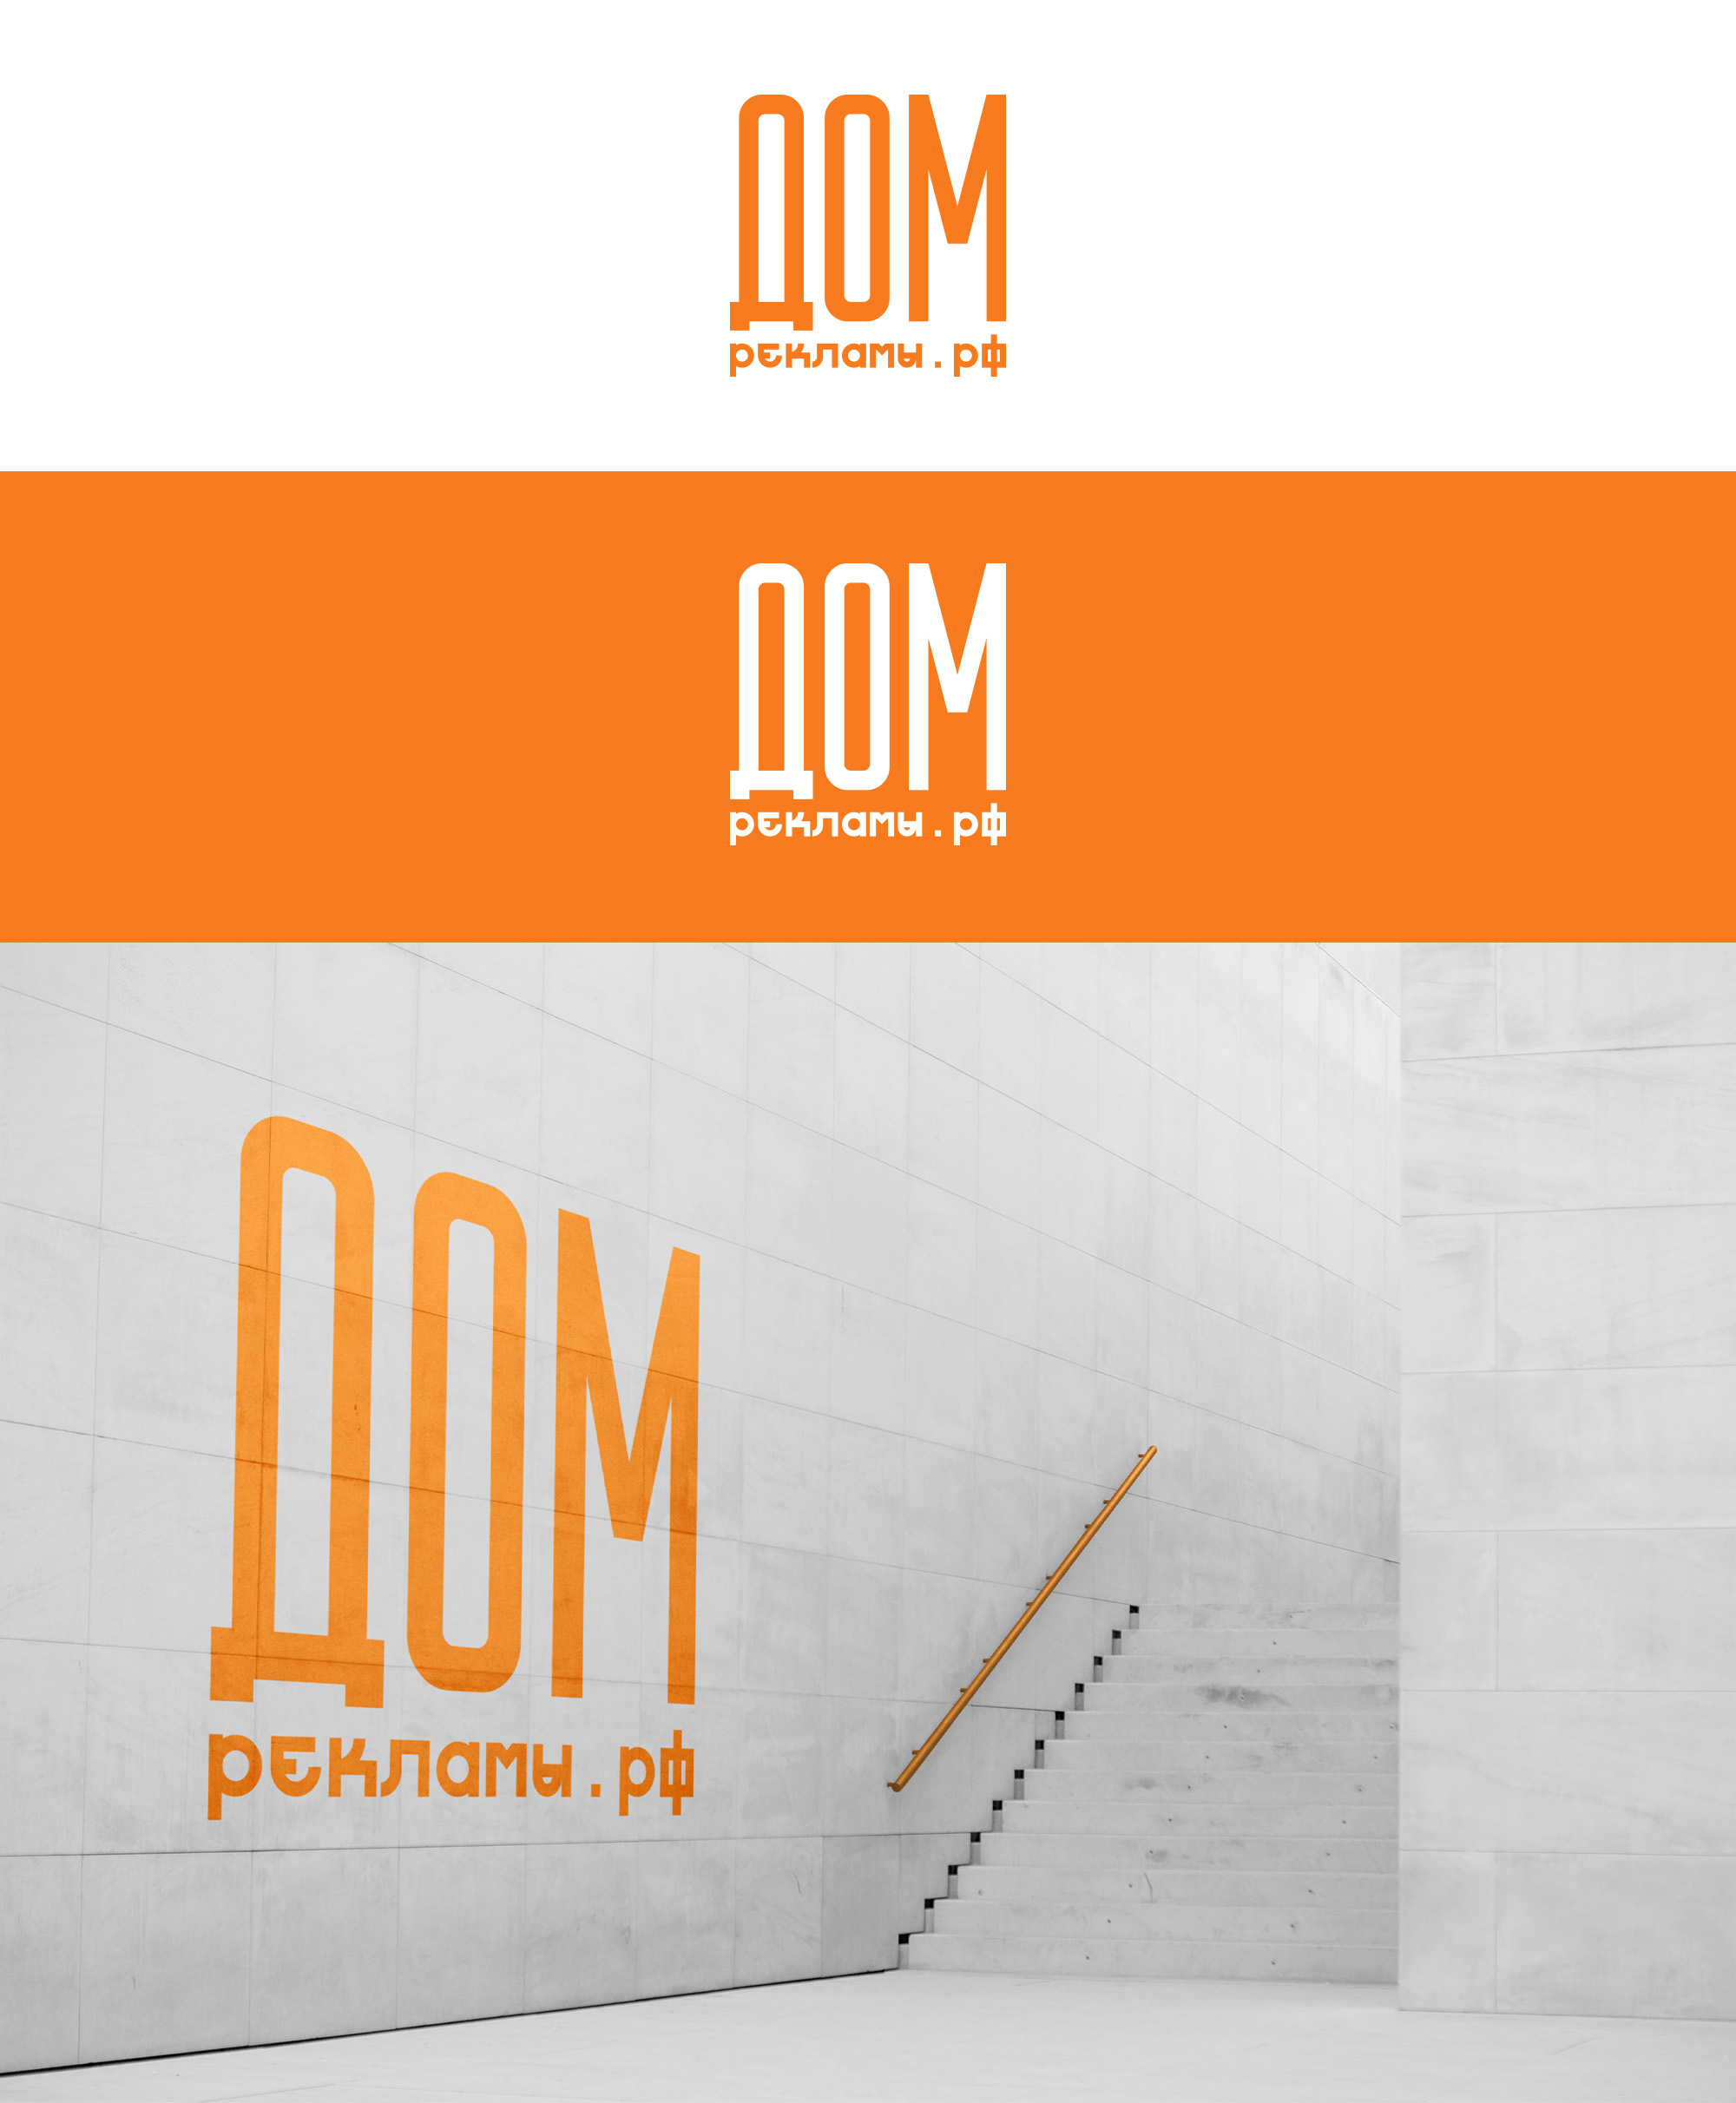 Дизайн логотипа рекламно-производственной компании фото f_9505edbe911c8afe.jpg